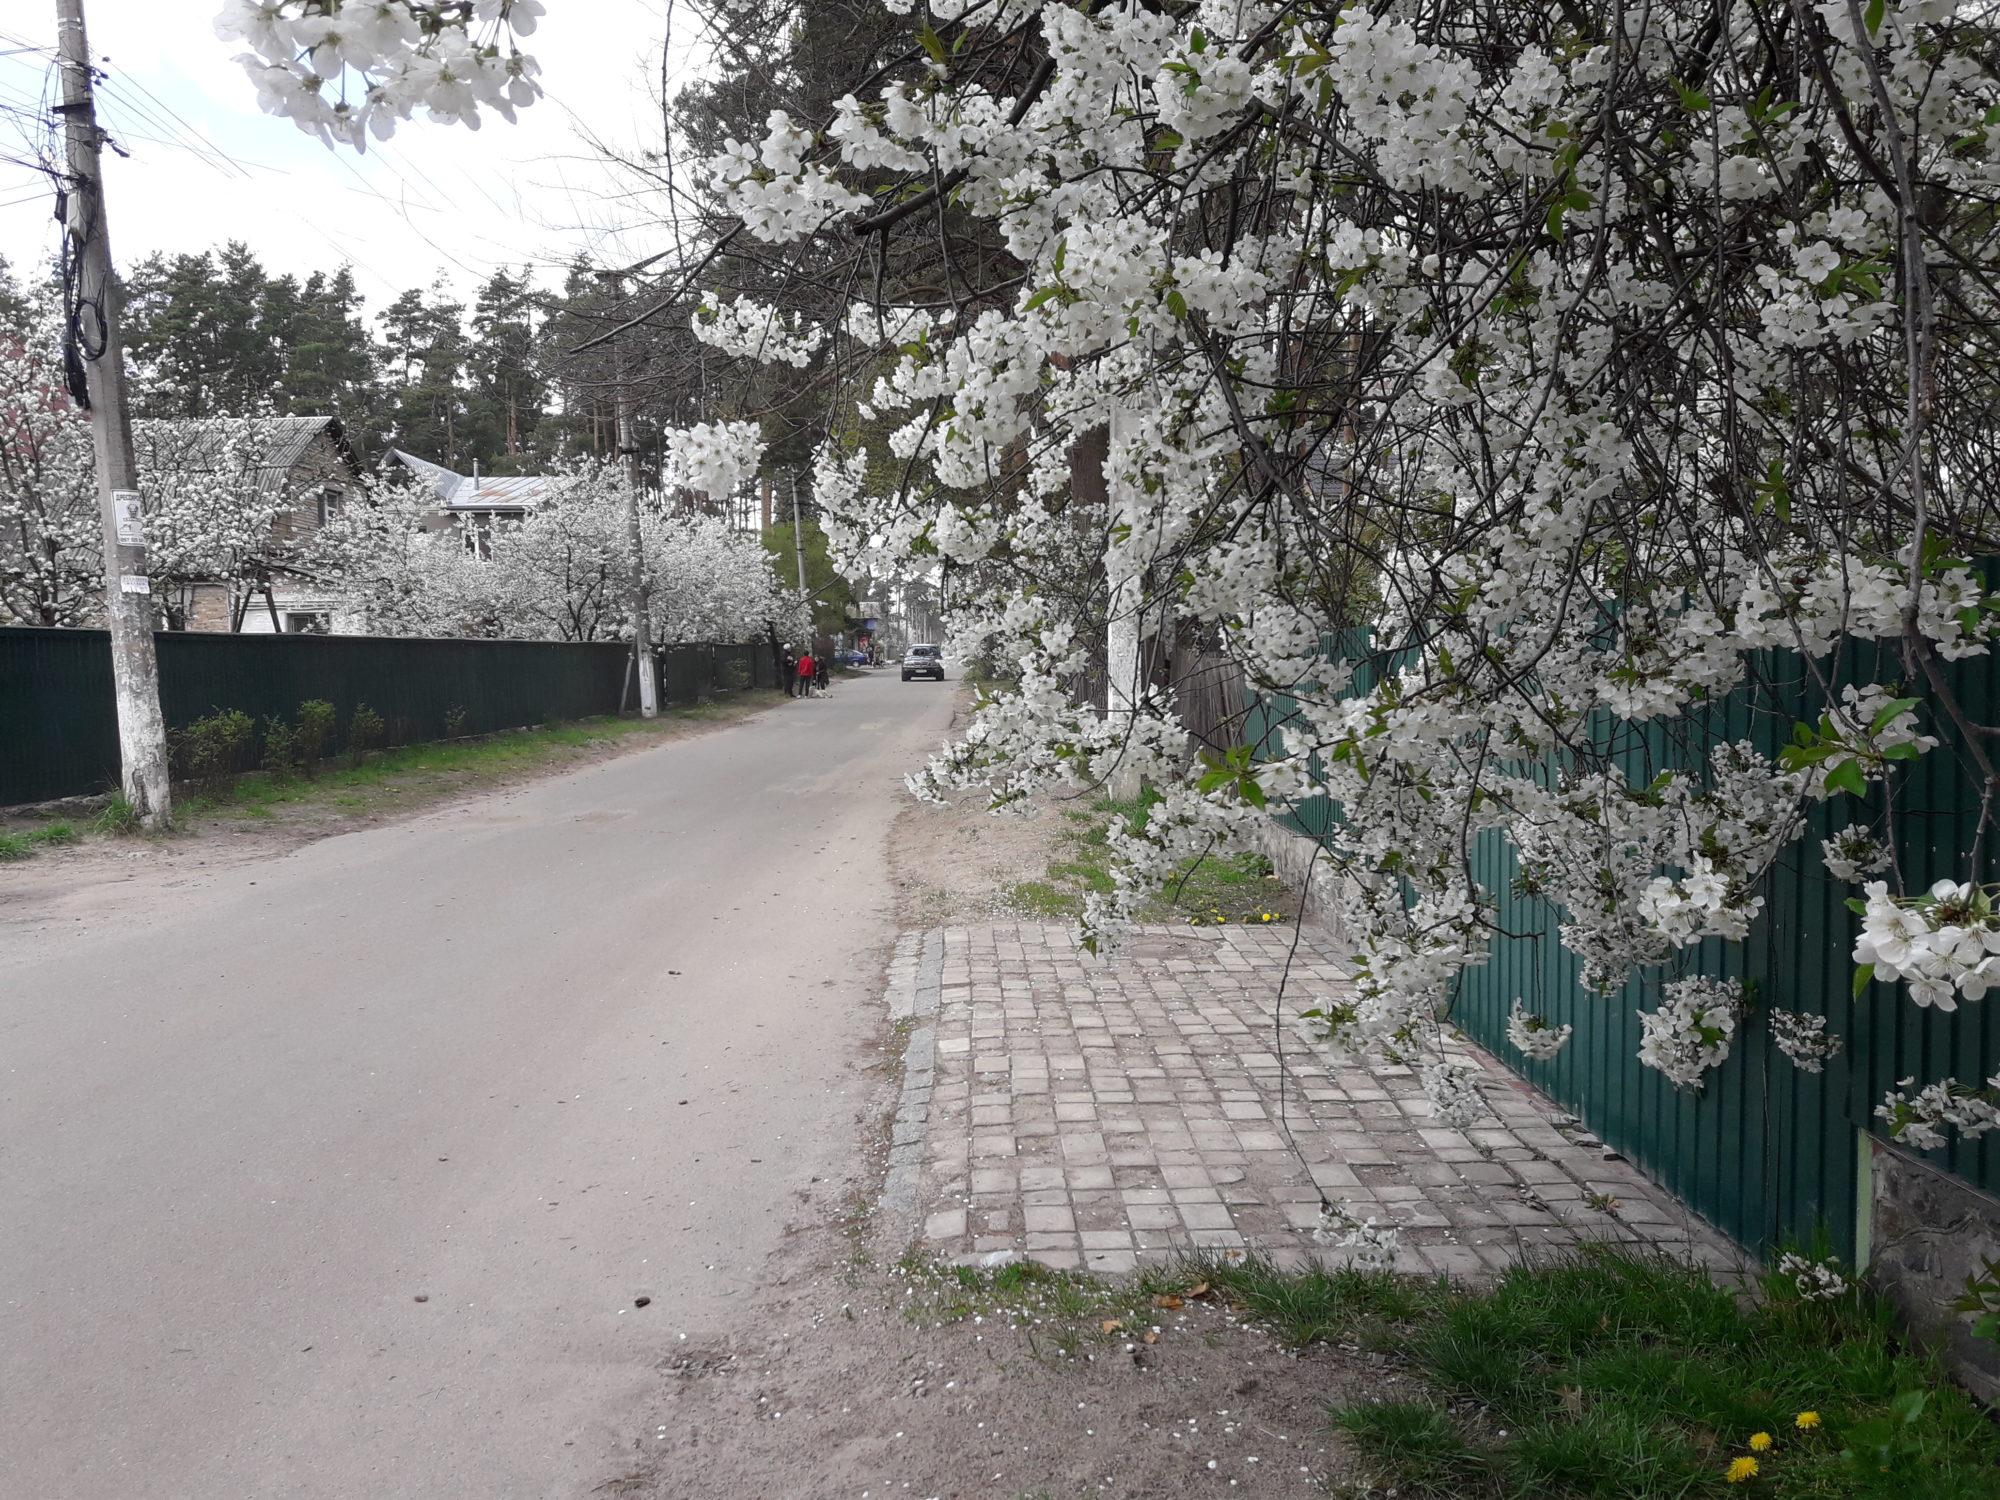 Ірпінь квітне: у місті настає пік цвітіння дерев та кущів (ФОТО) -  - 20200427 123821 2000x1500